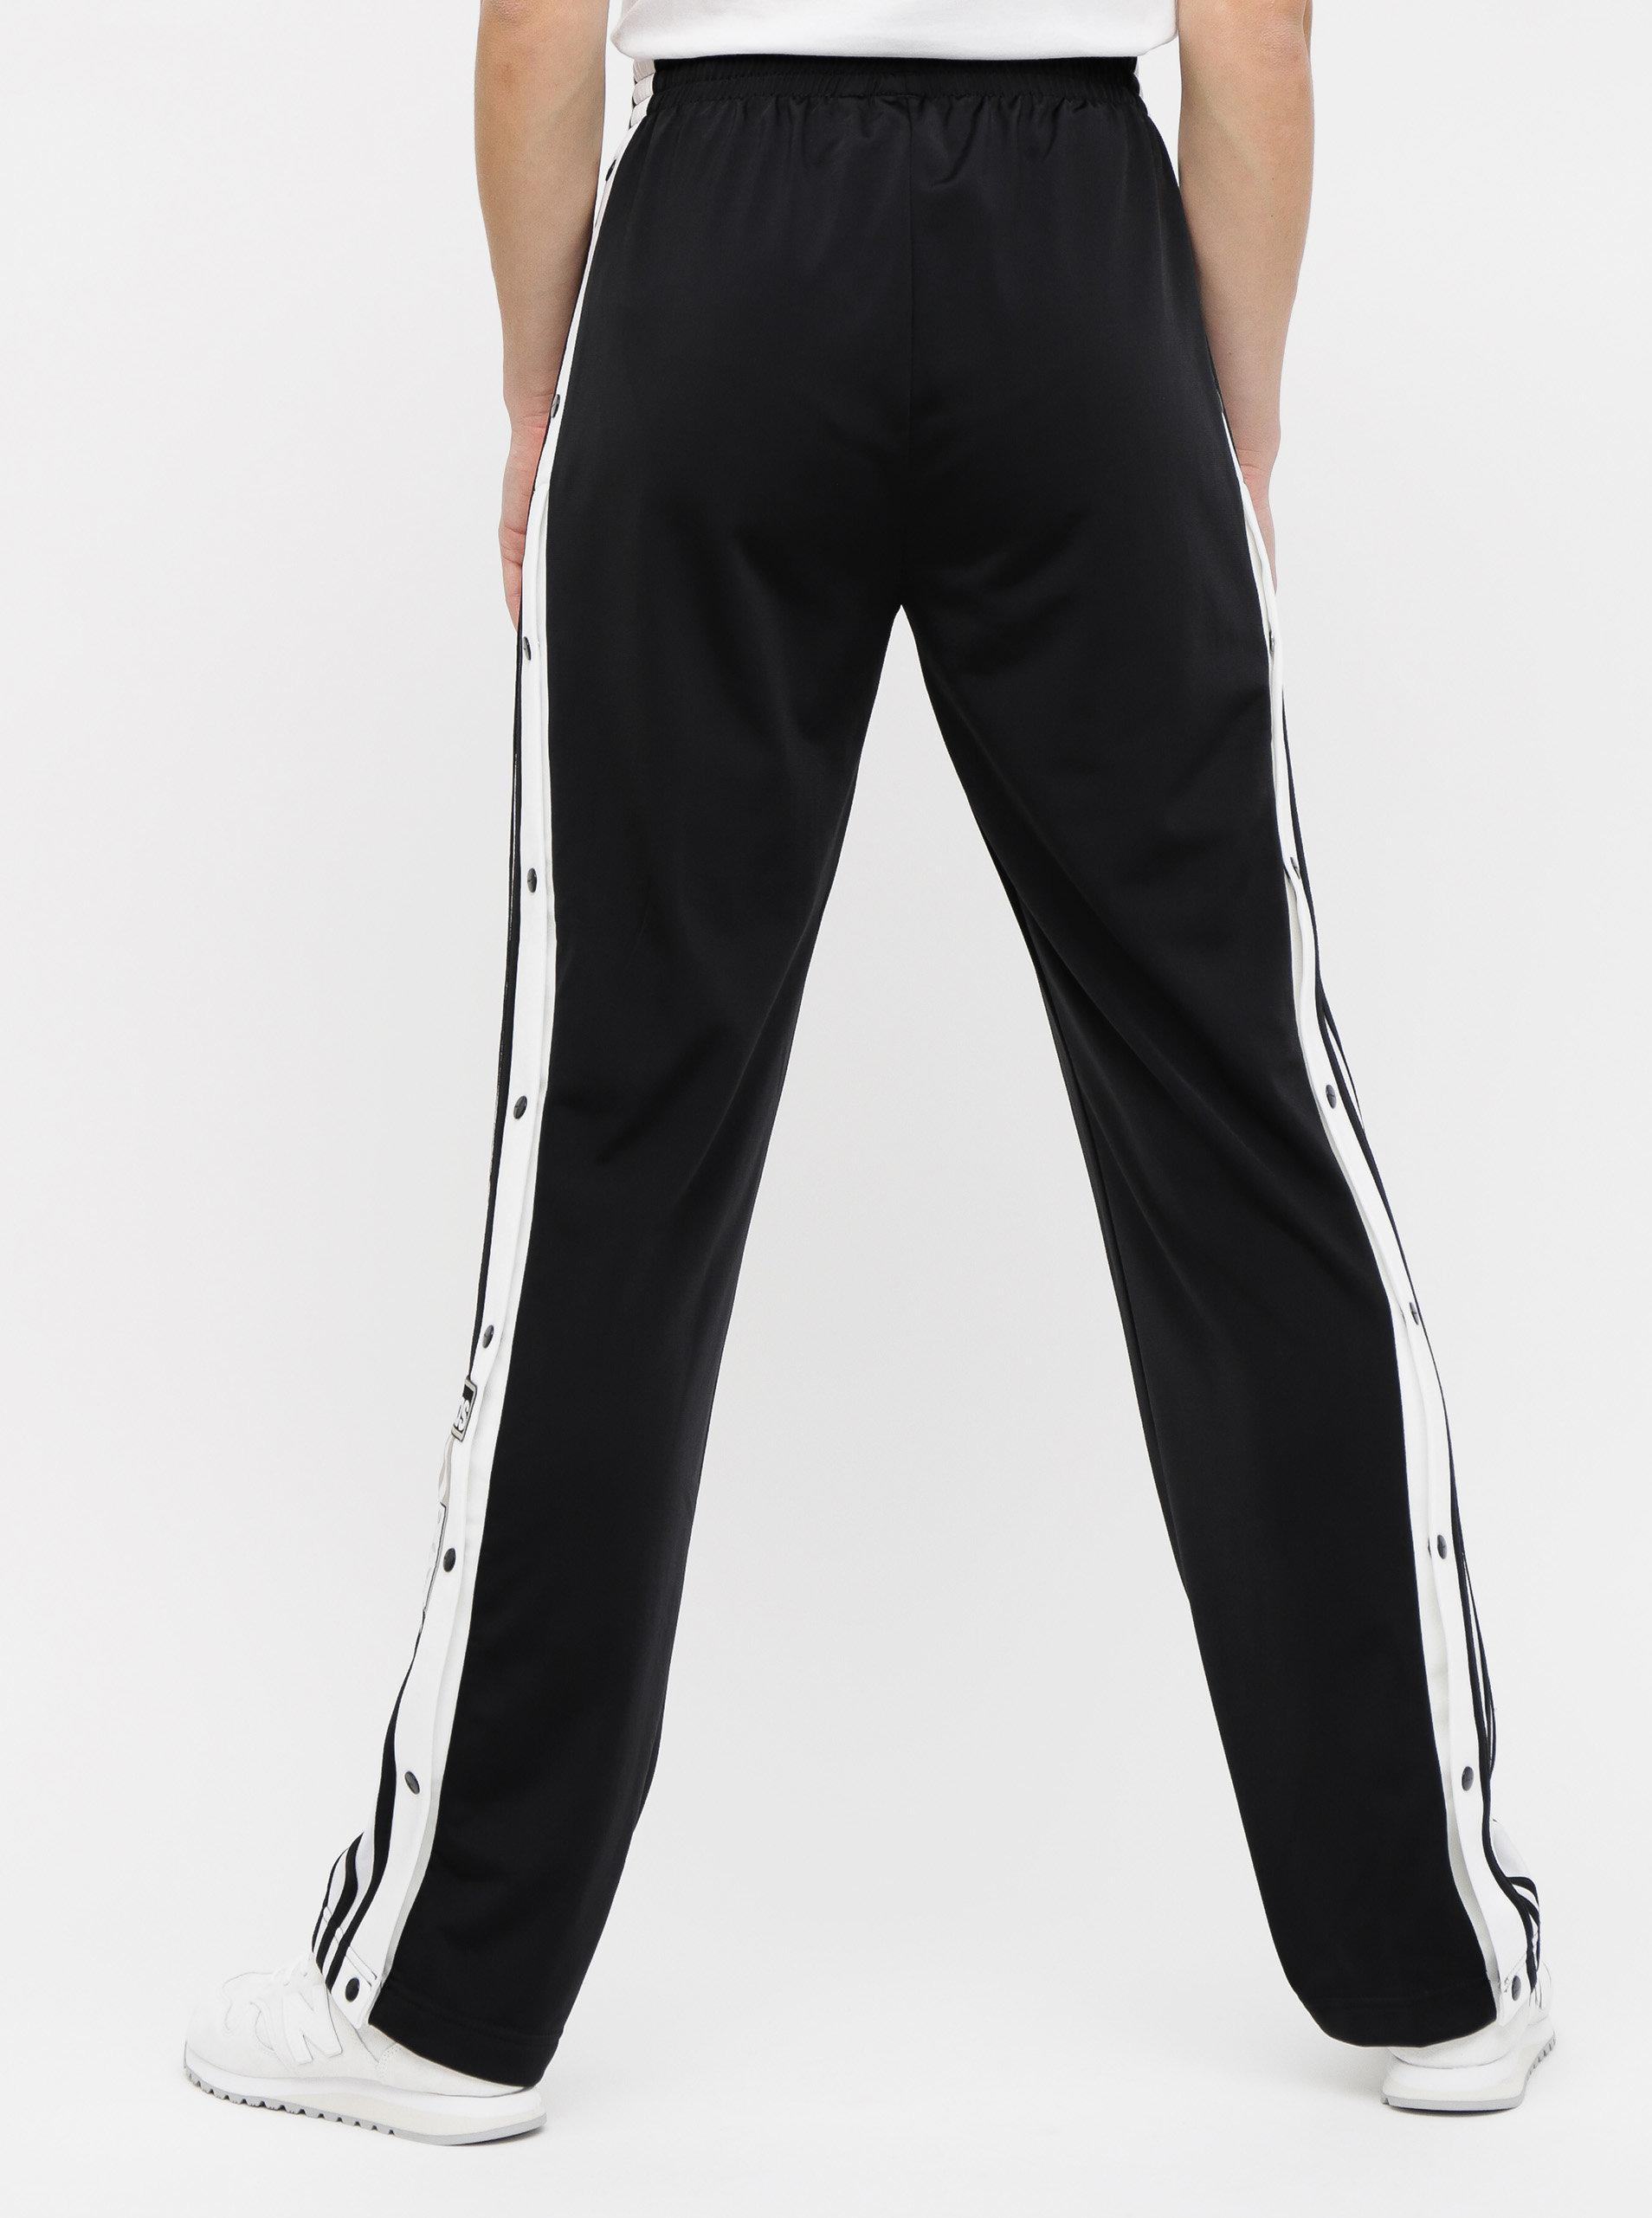 7e01182ffadf Čierne dámske tepláky s nášivkou adidas Originals Adibreak ...